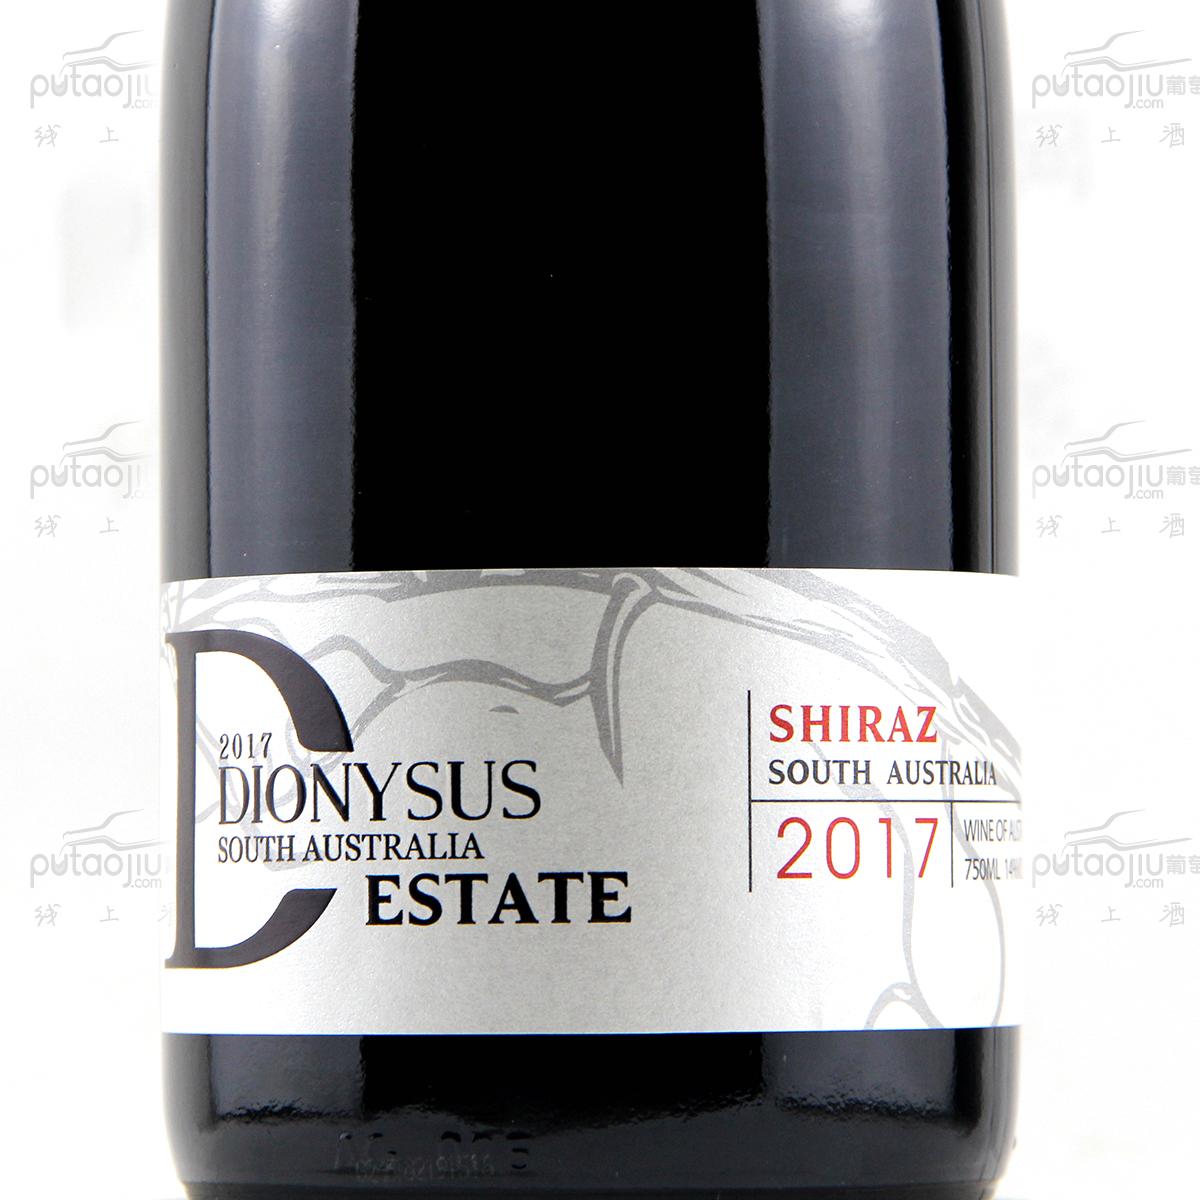 澳大利亚南澳帝澜思西拉干红葡萄酒